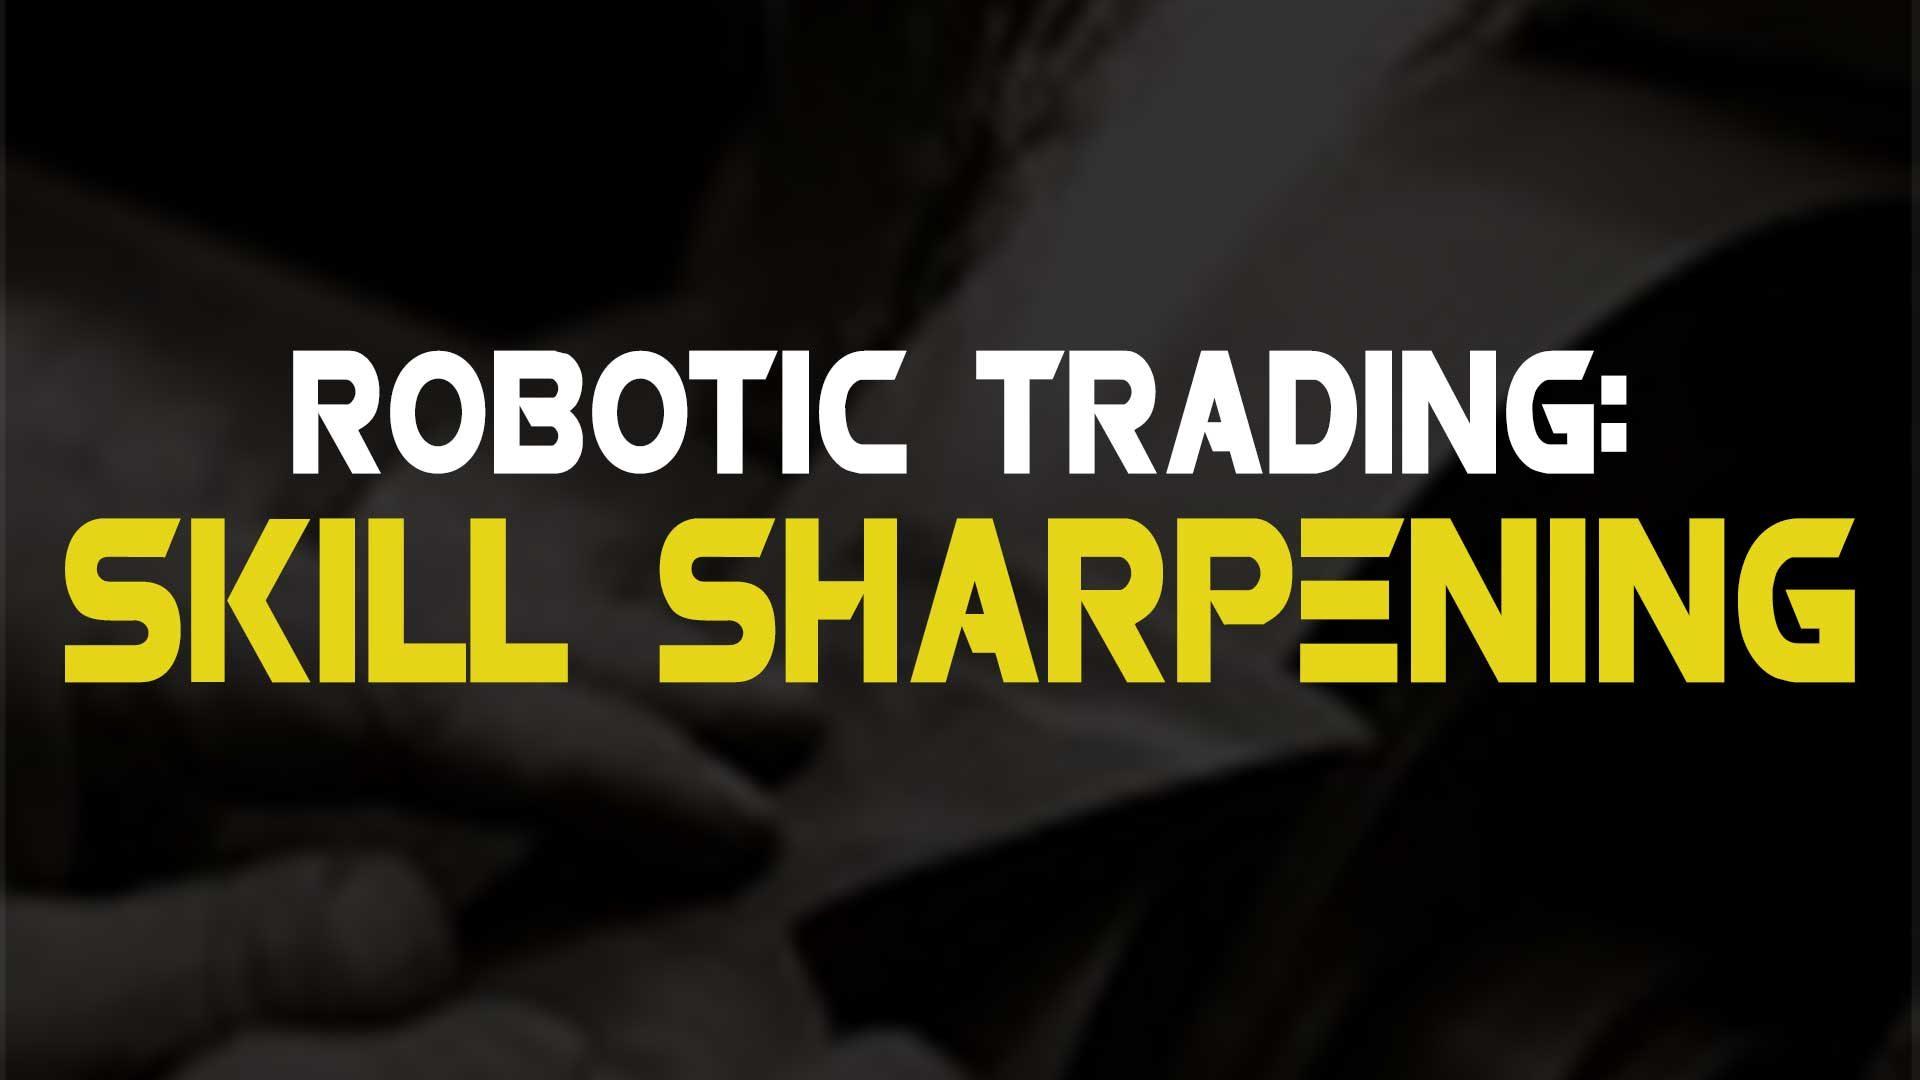 Robotic Trading: Skill Sharpening